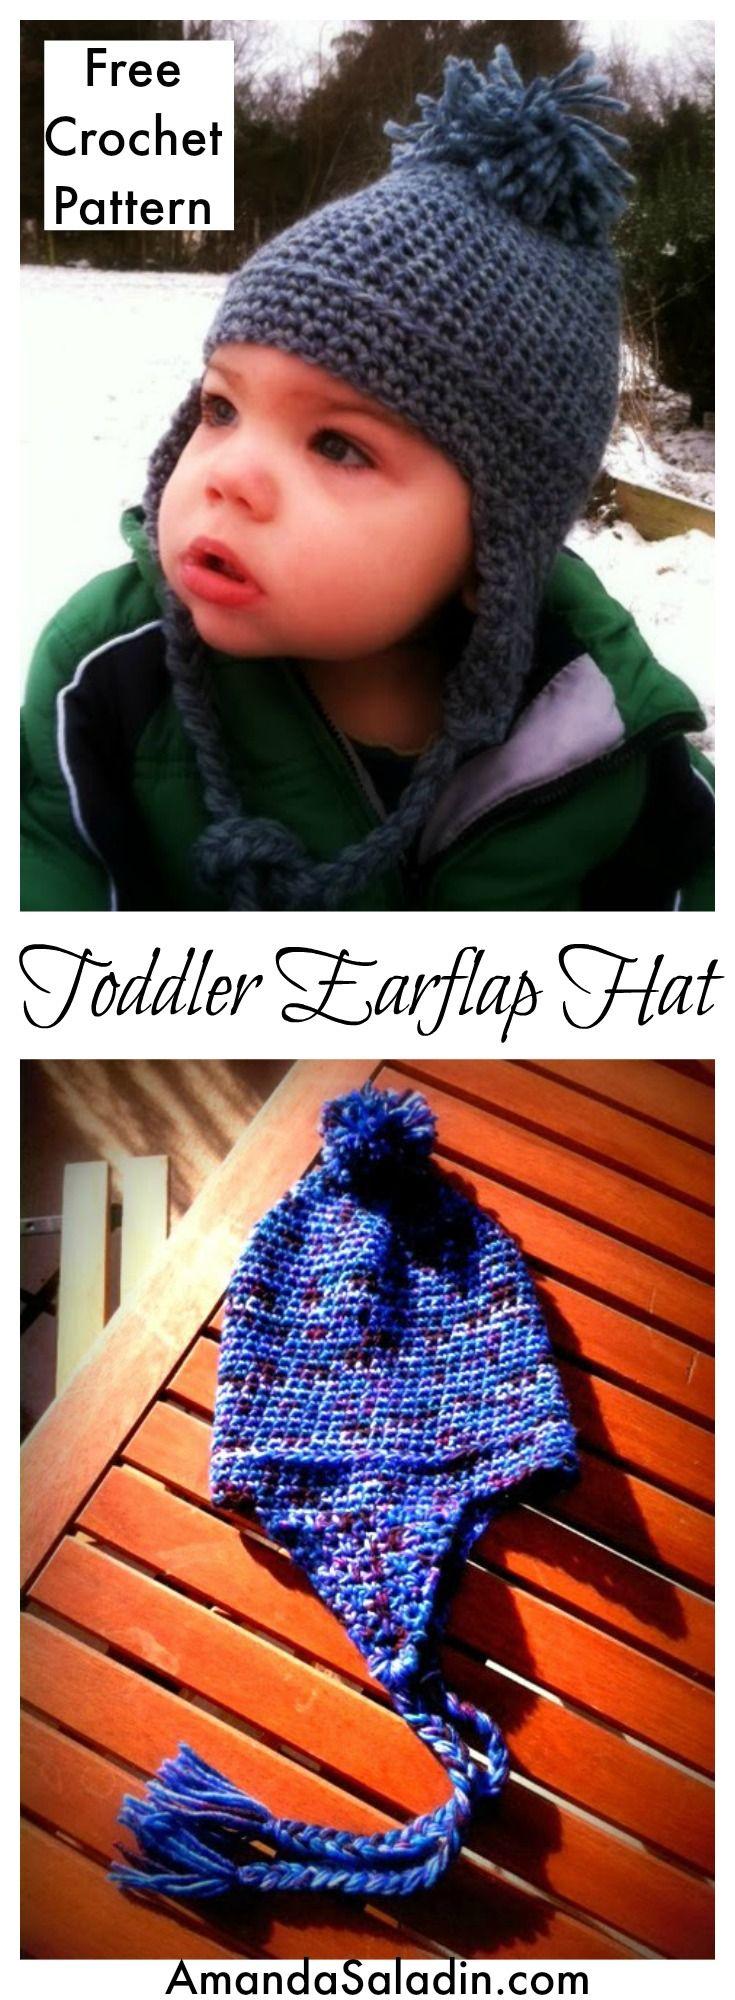 Toddler Earflap Hat - Free Crochet Pattern   Pinterest   Hauben ...